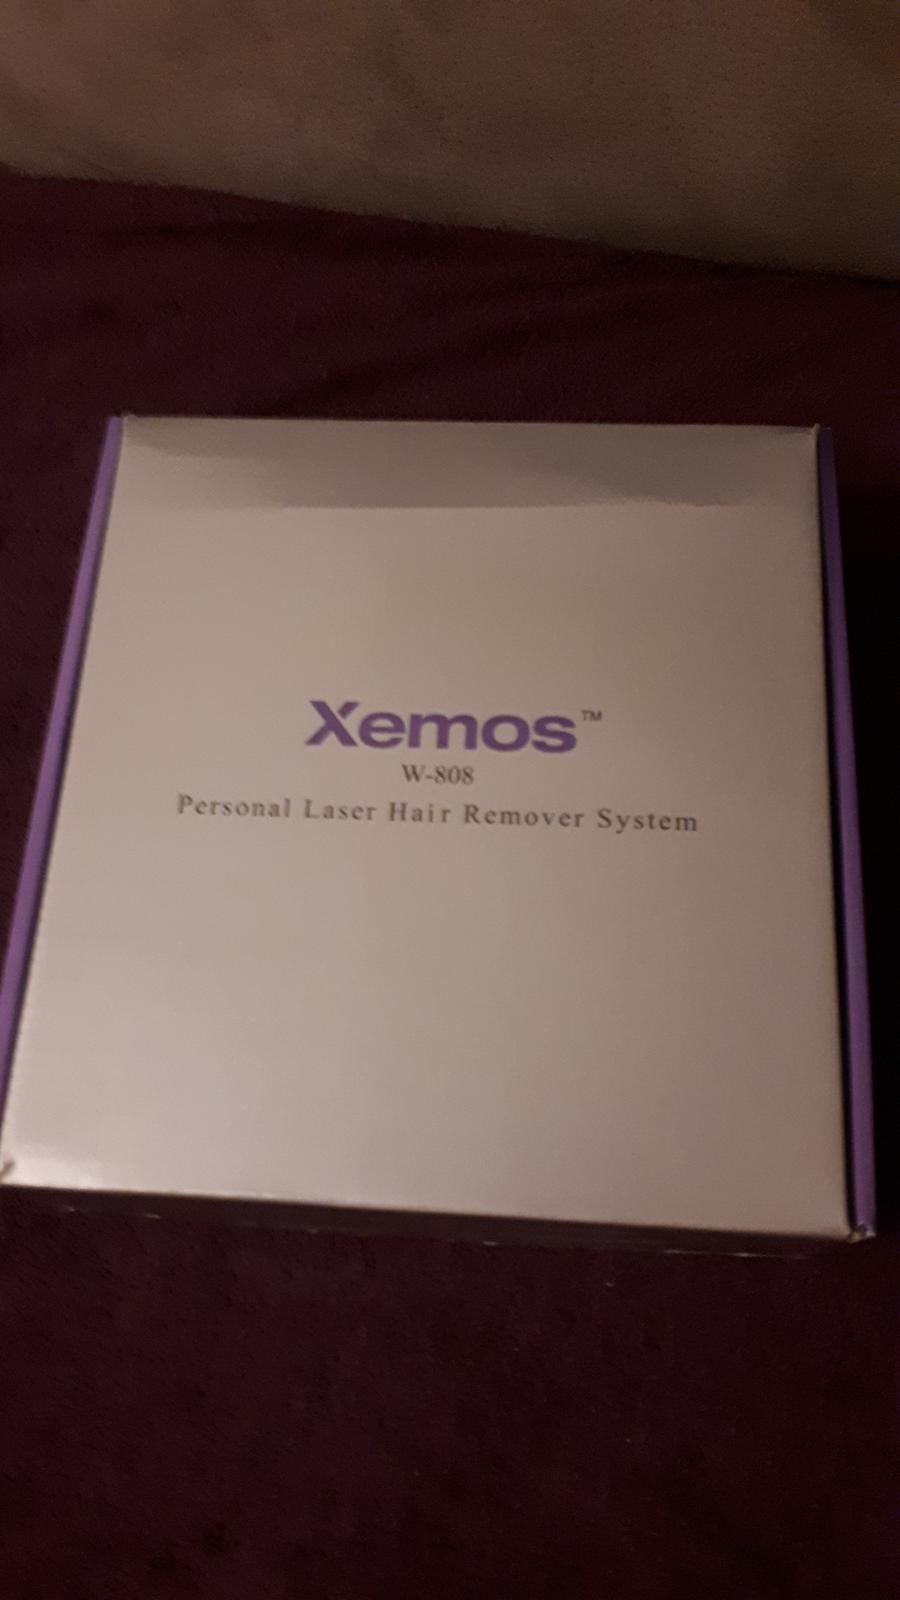 XEMOS Laserový prístroj na odstraňovanie chĺpkov - Obrázok č. 3